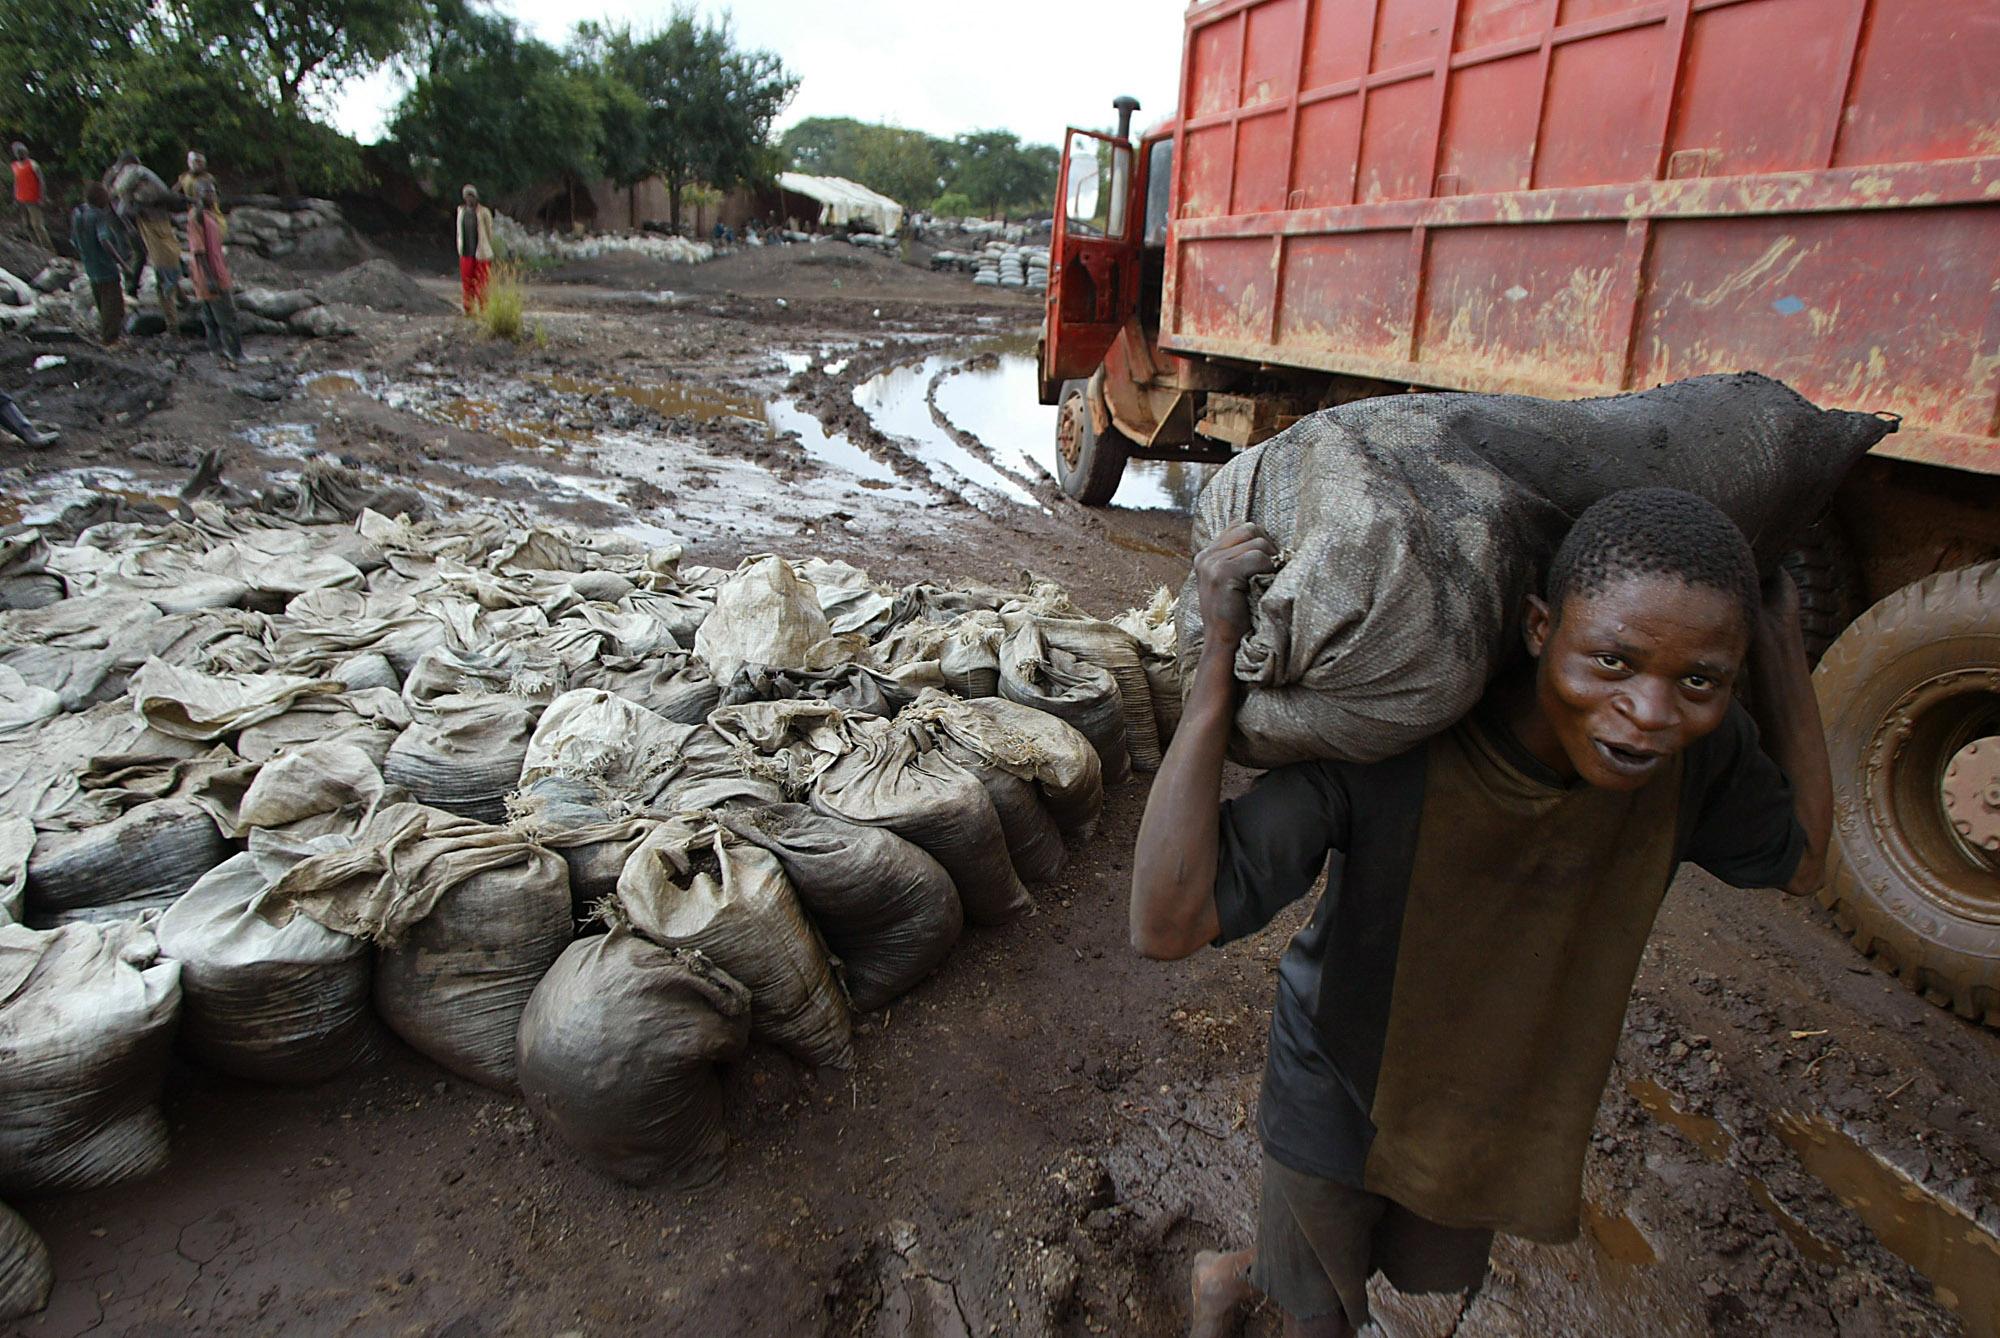 圖/剛果的銅鈷礦場坍塌意外挖掘出童工和非法採礦等問題。(AP Photo / Schalk van Zuydam / 達志影像)